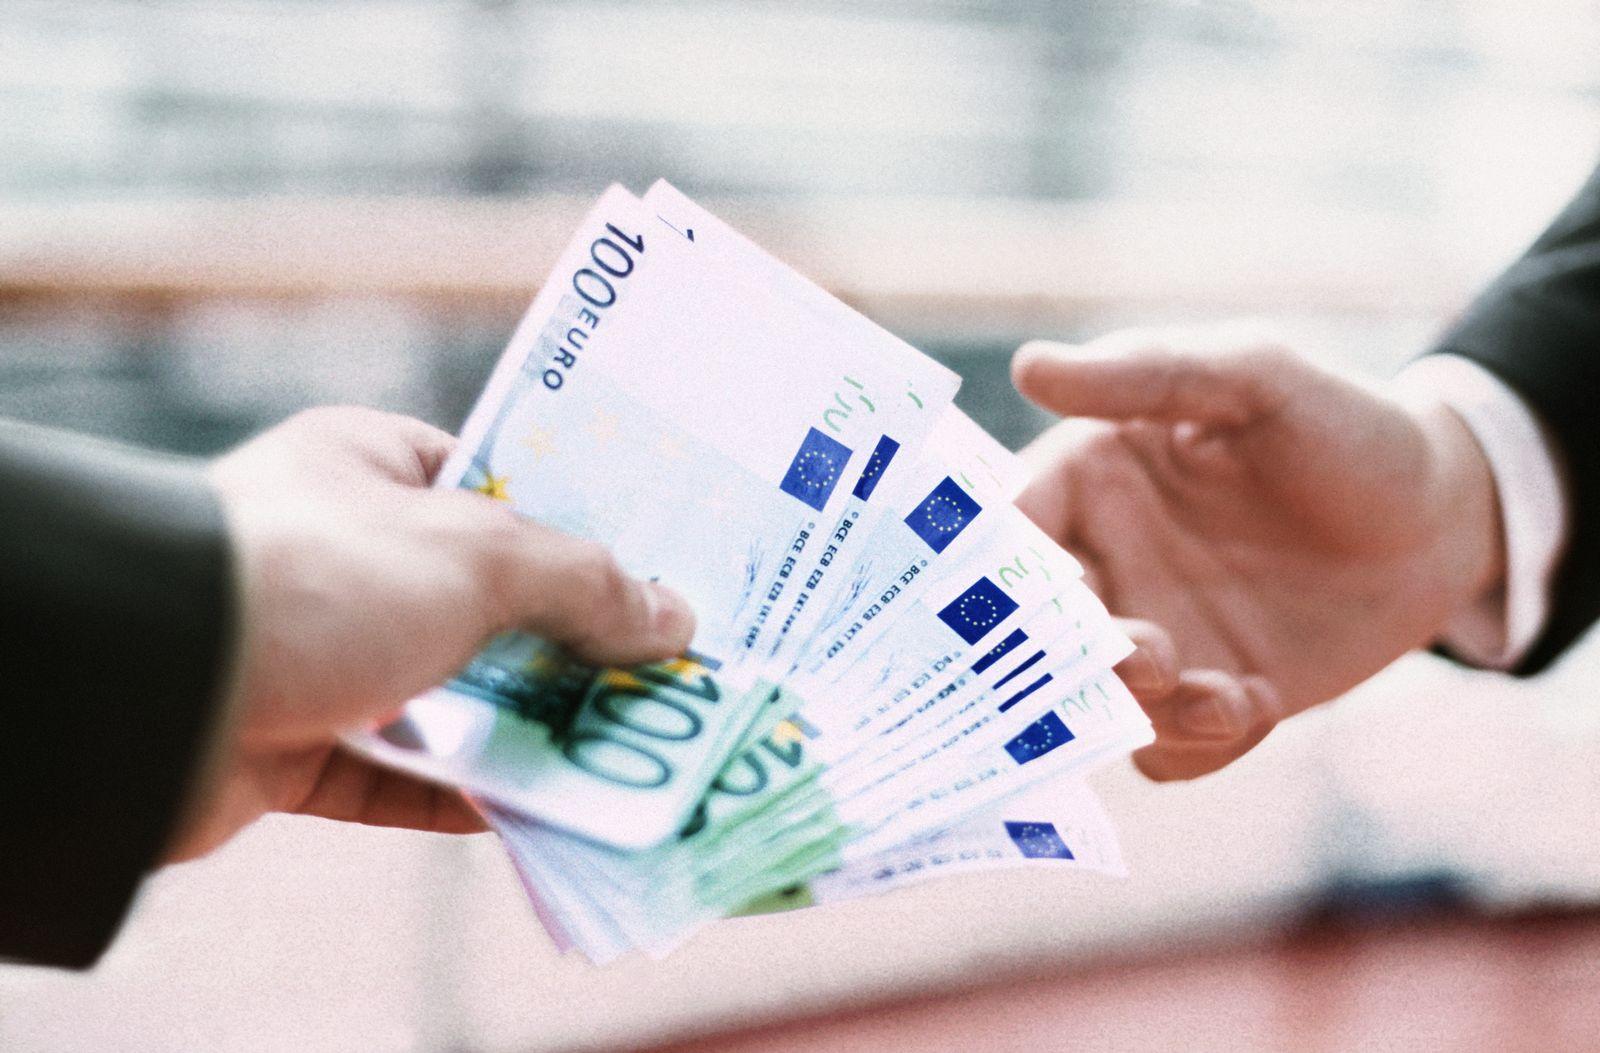 NICHT MEHR VERWENDEN! - Geld / Euro / Euroscheine / Geben / Übergabe / Weitergeben / Abgeben